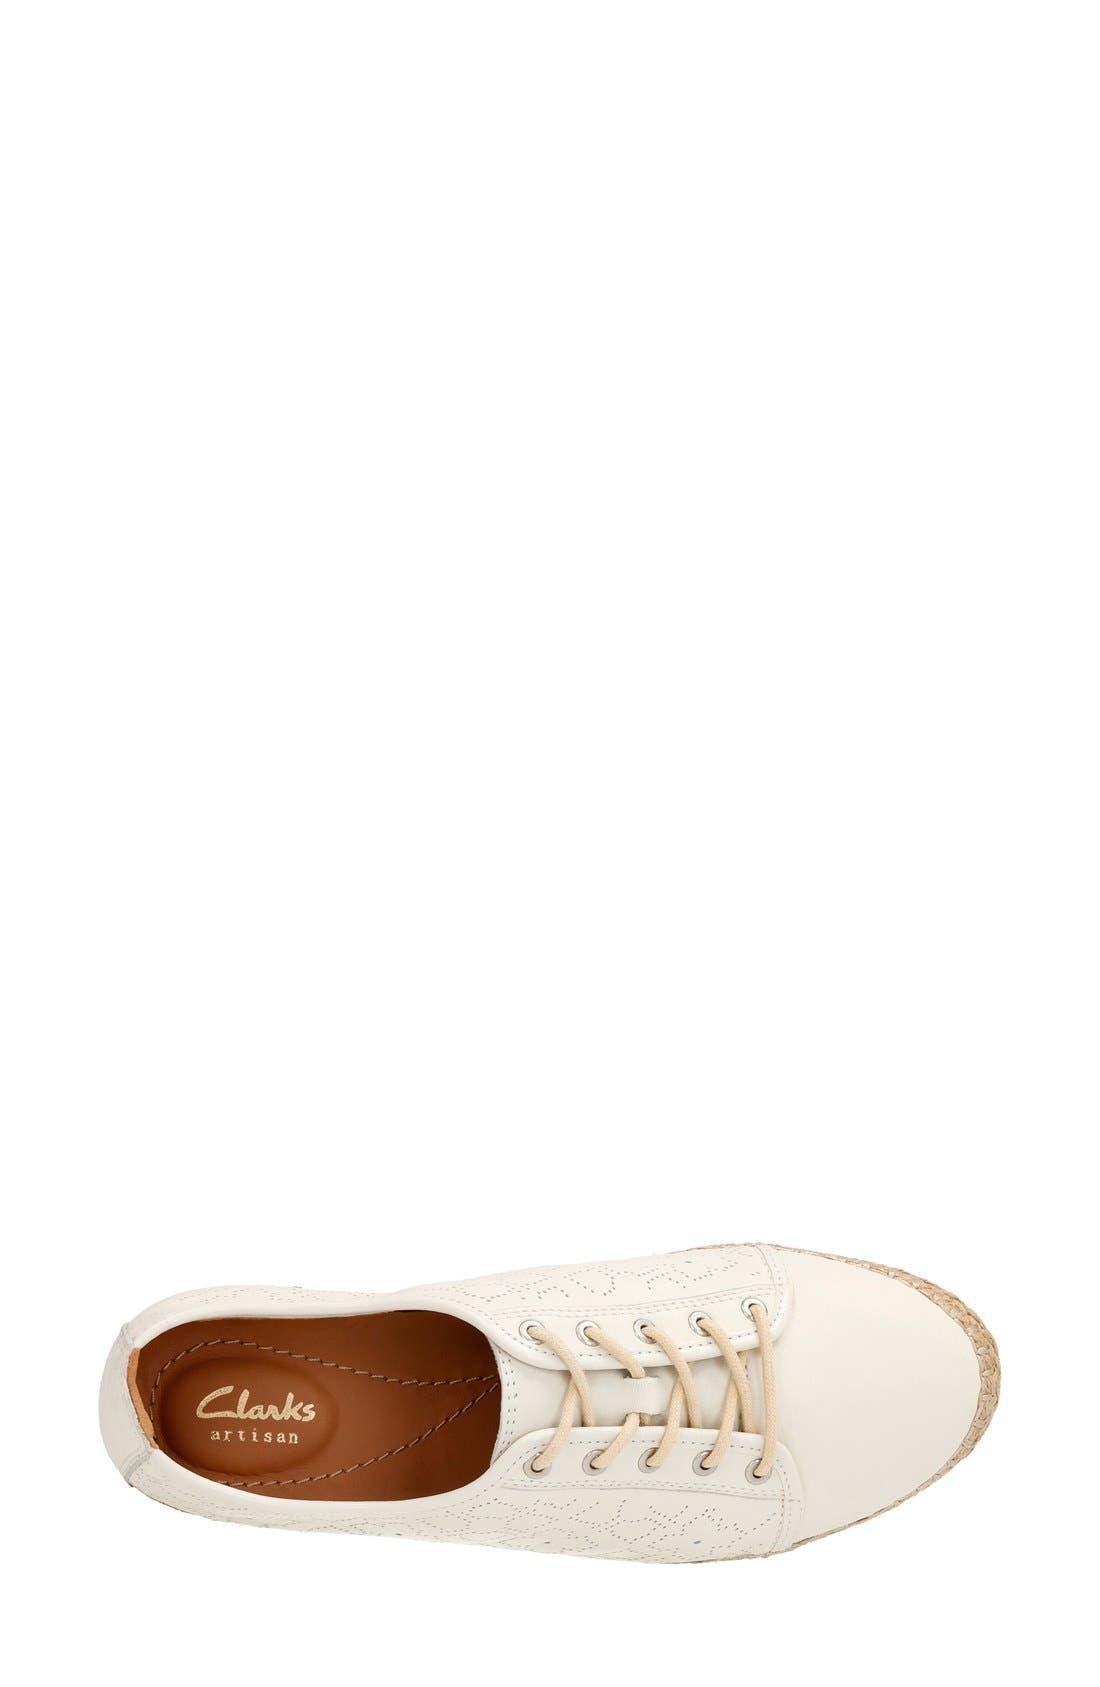 Alternate Image 3  - Clarks® 'Reeney Rita' Sneaker (Women)